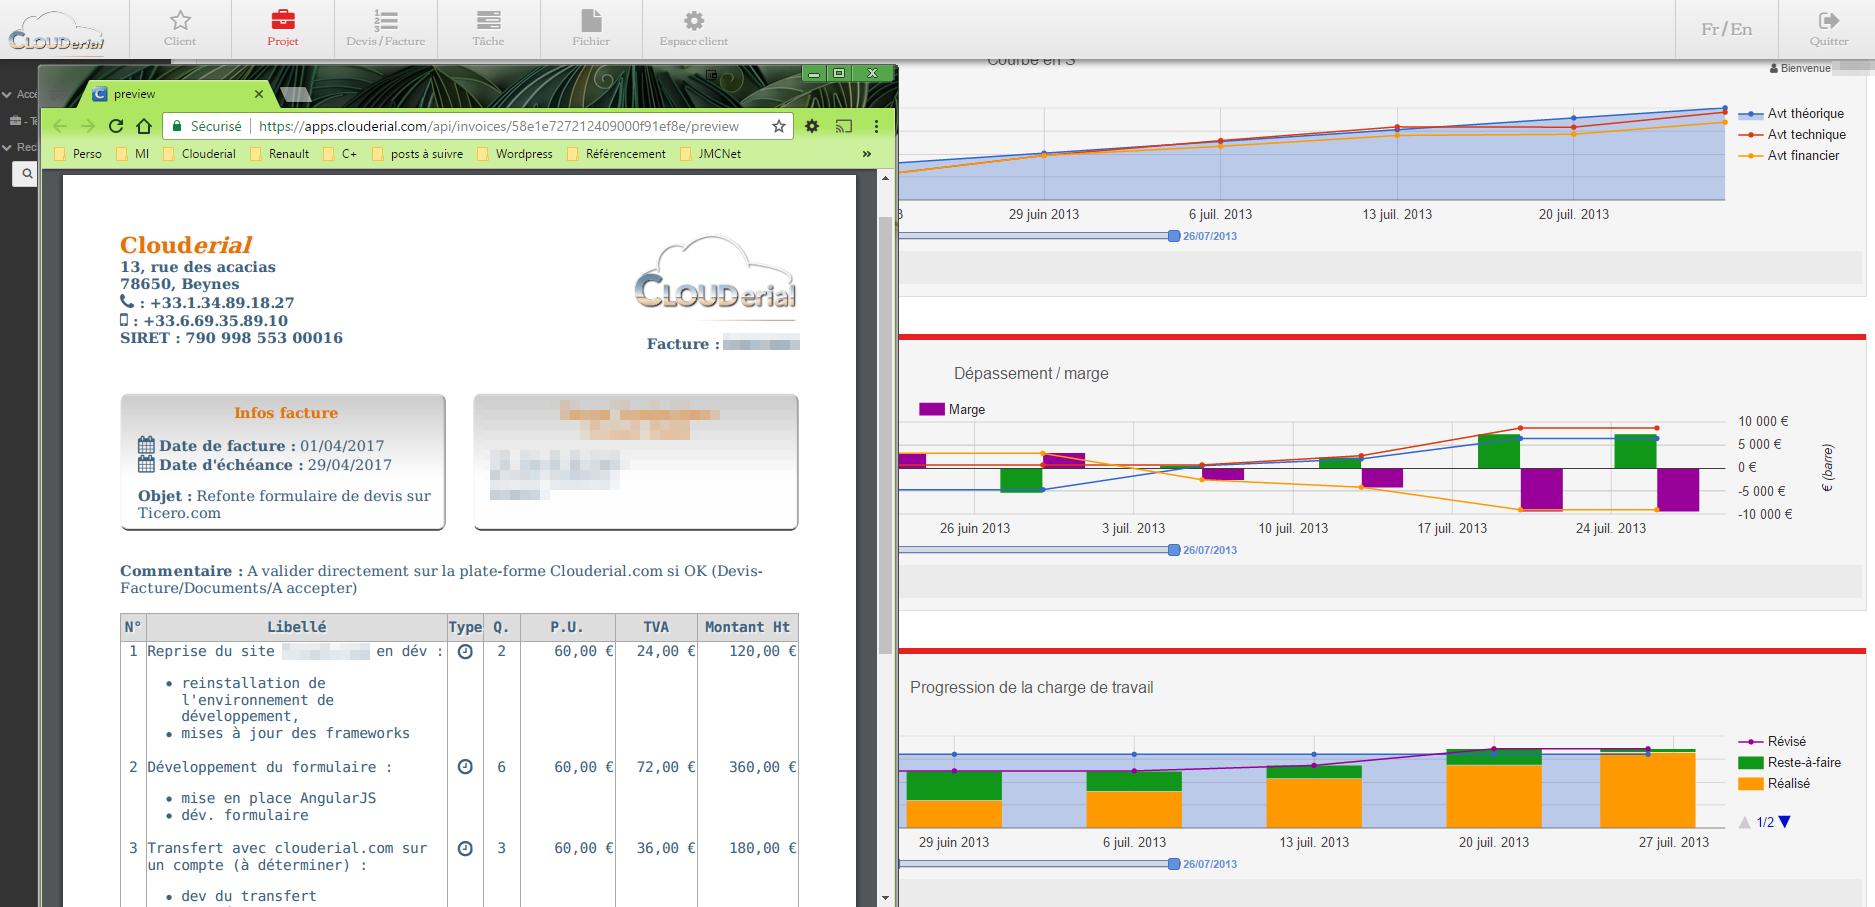 Avis Clouderial : Suite d'applications de gestion pour TPE et indépendants - Appvizer